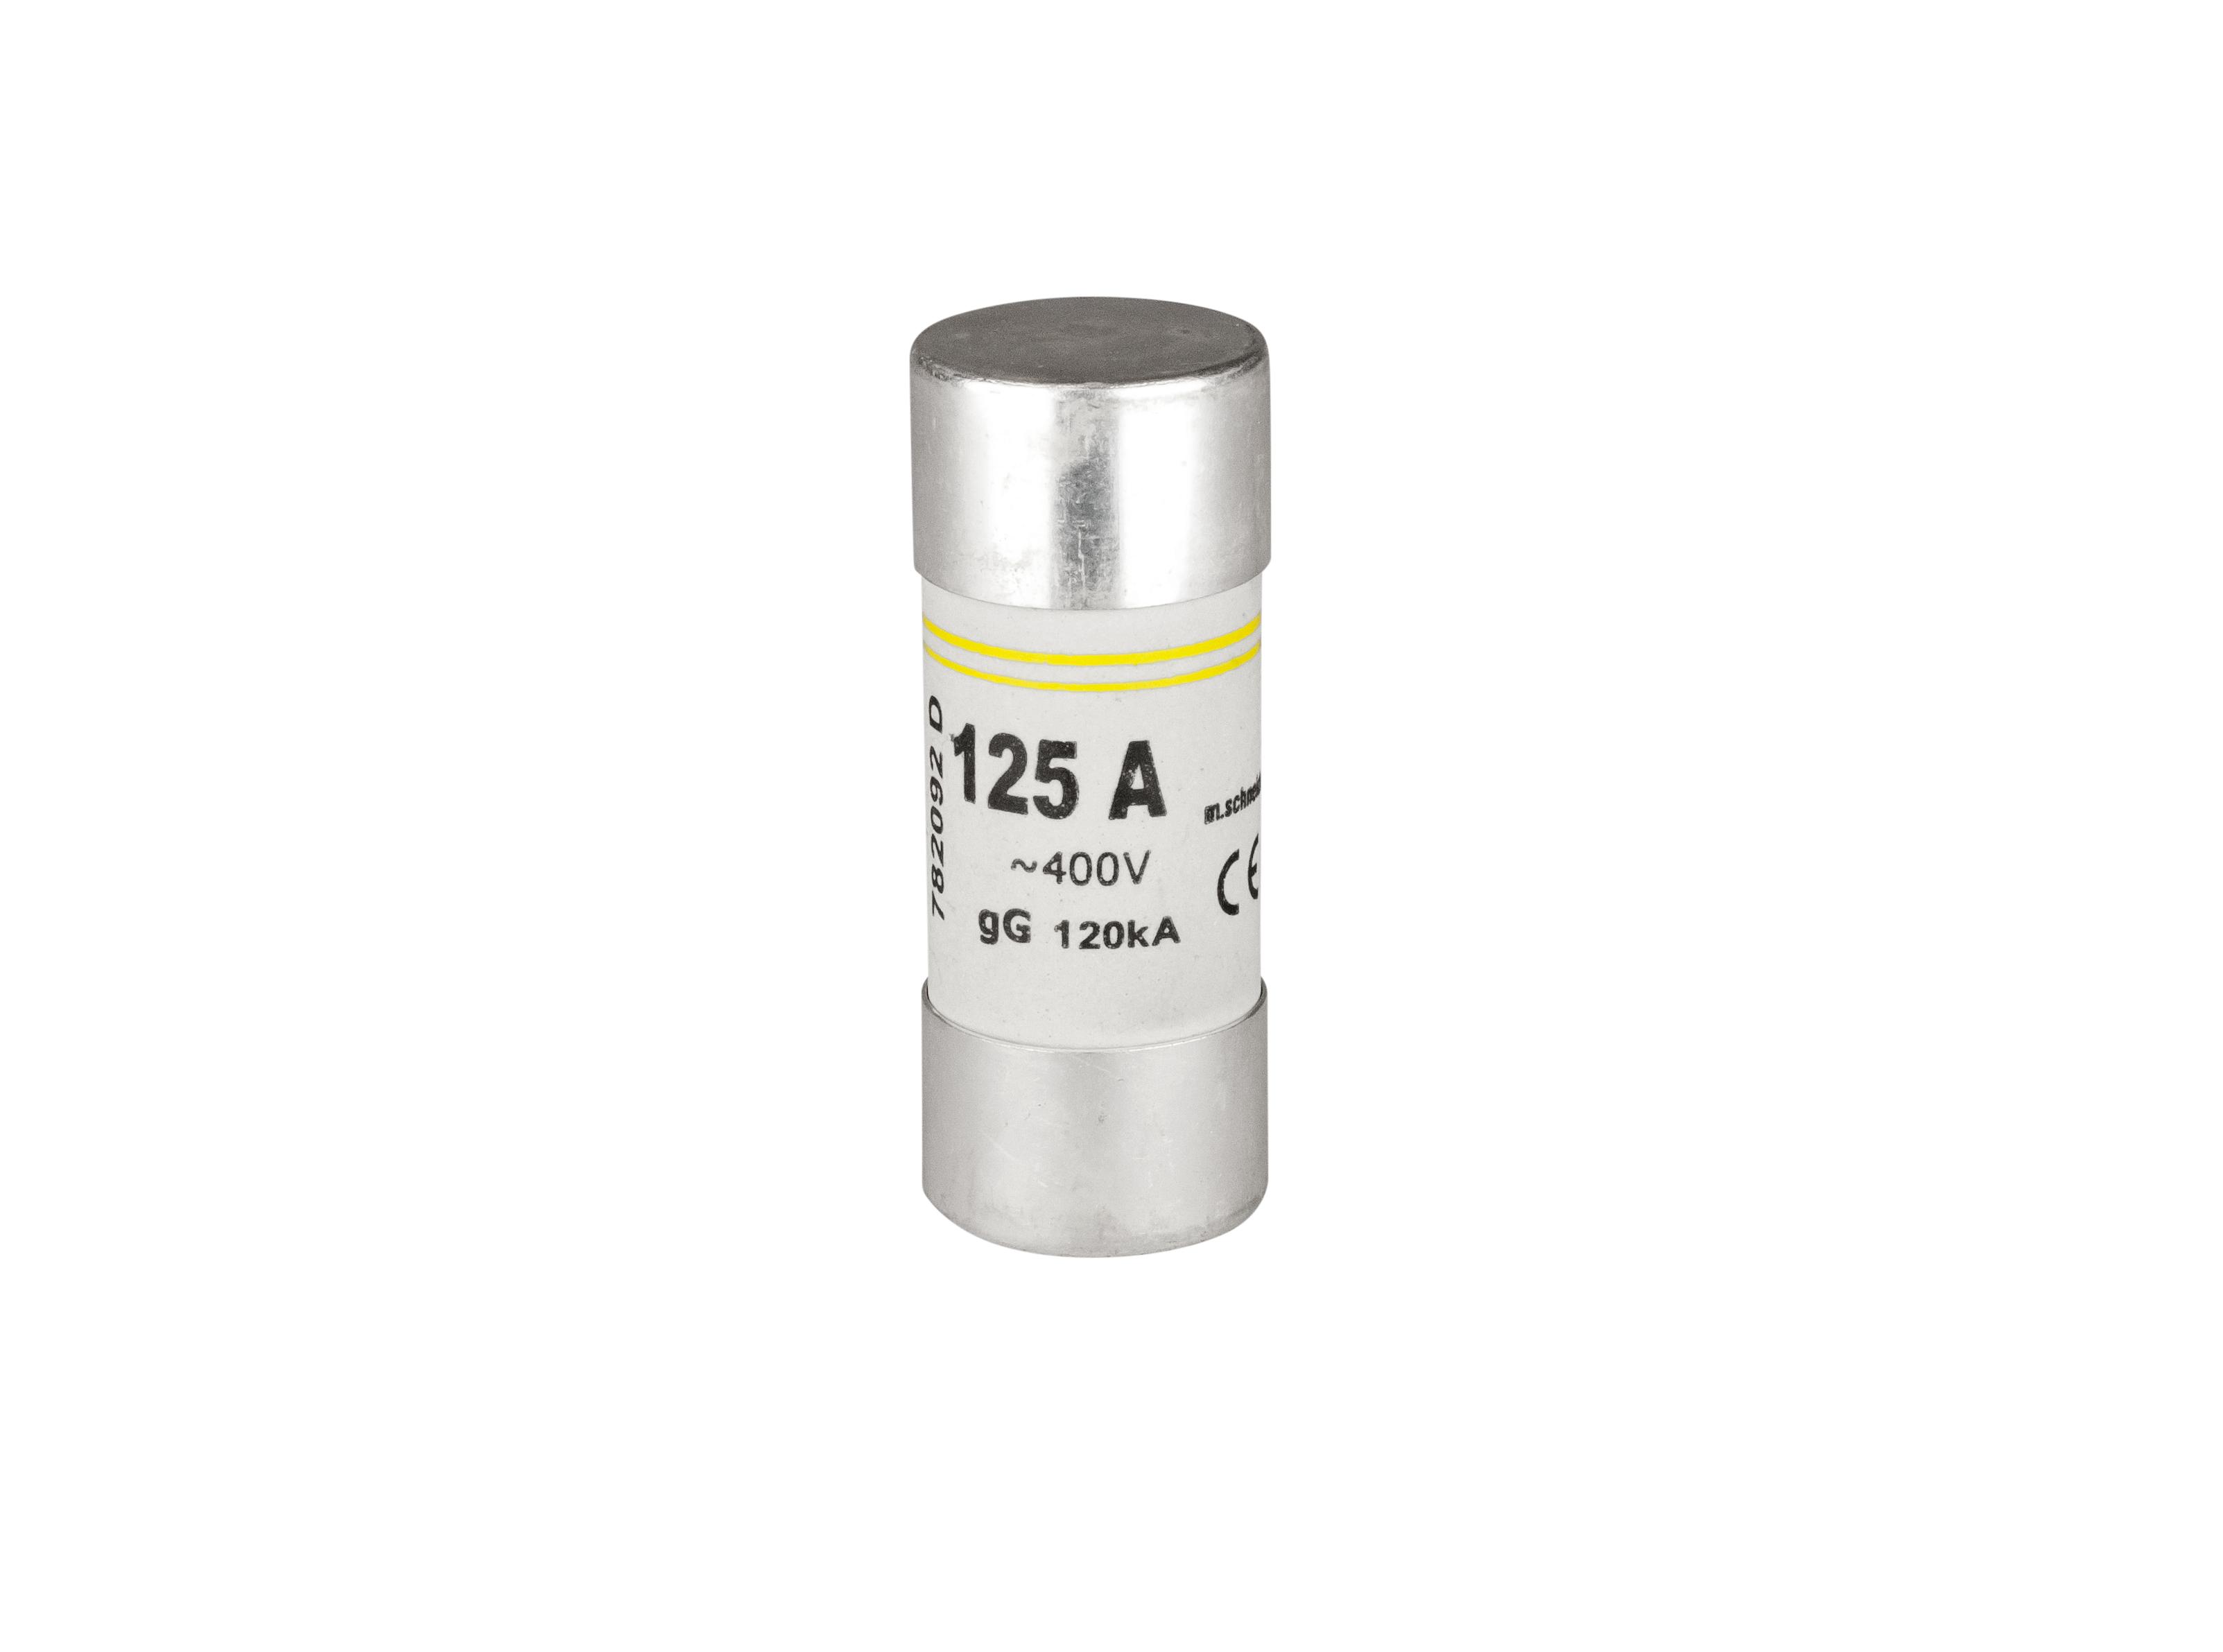 1 Stk Zylindrische Sicherung, 22x58, 125A, Kennlinie gG, 400V AC ISZ22125--